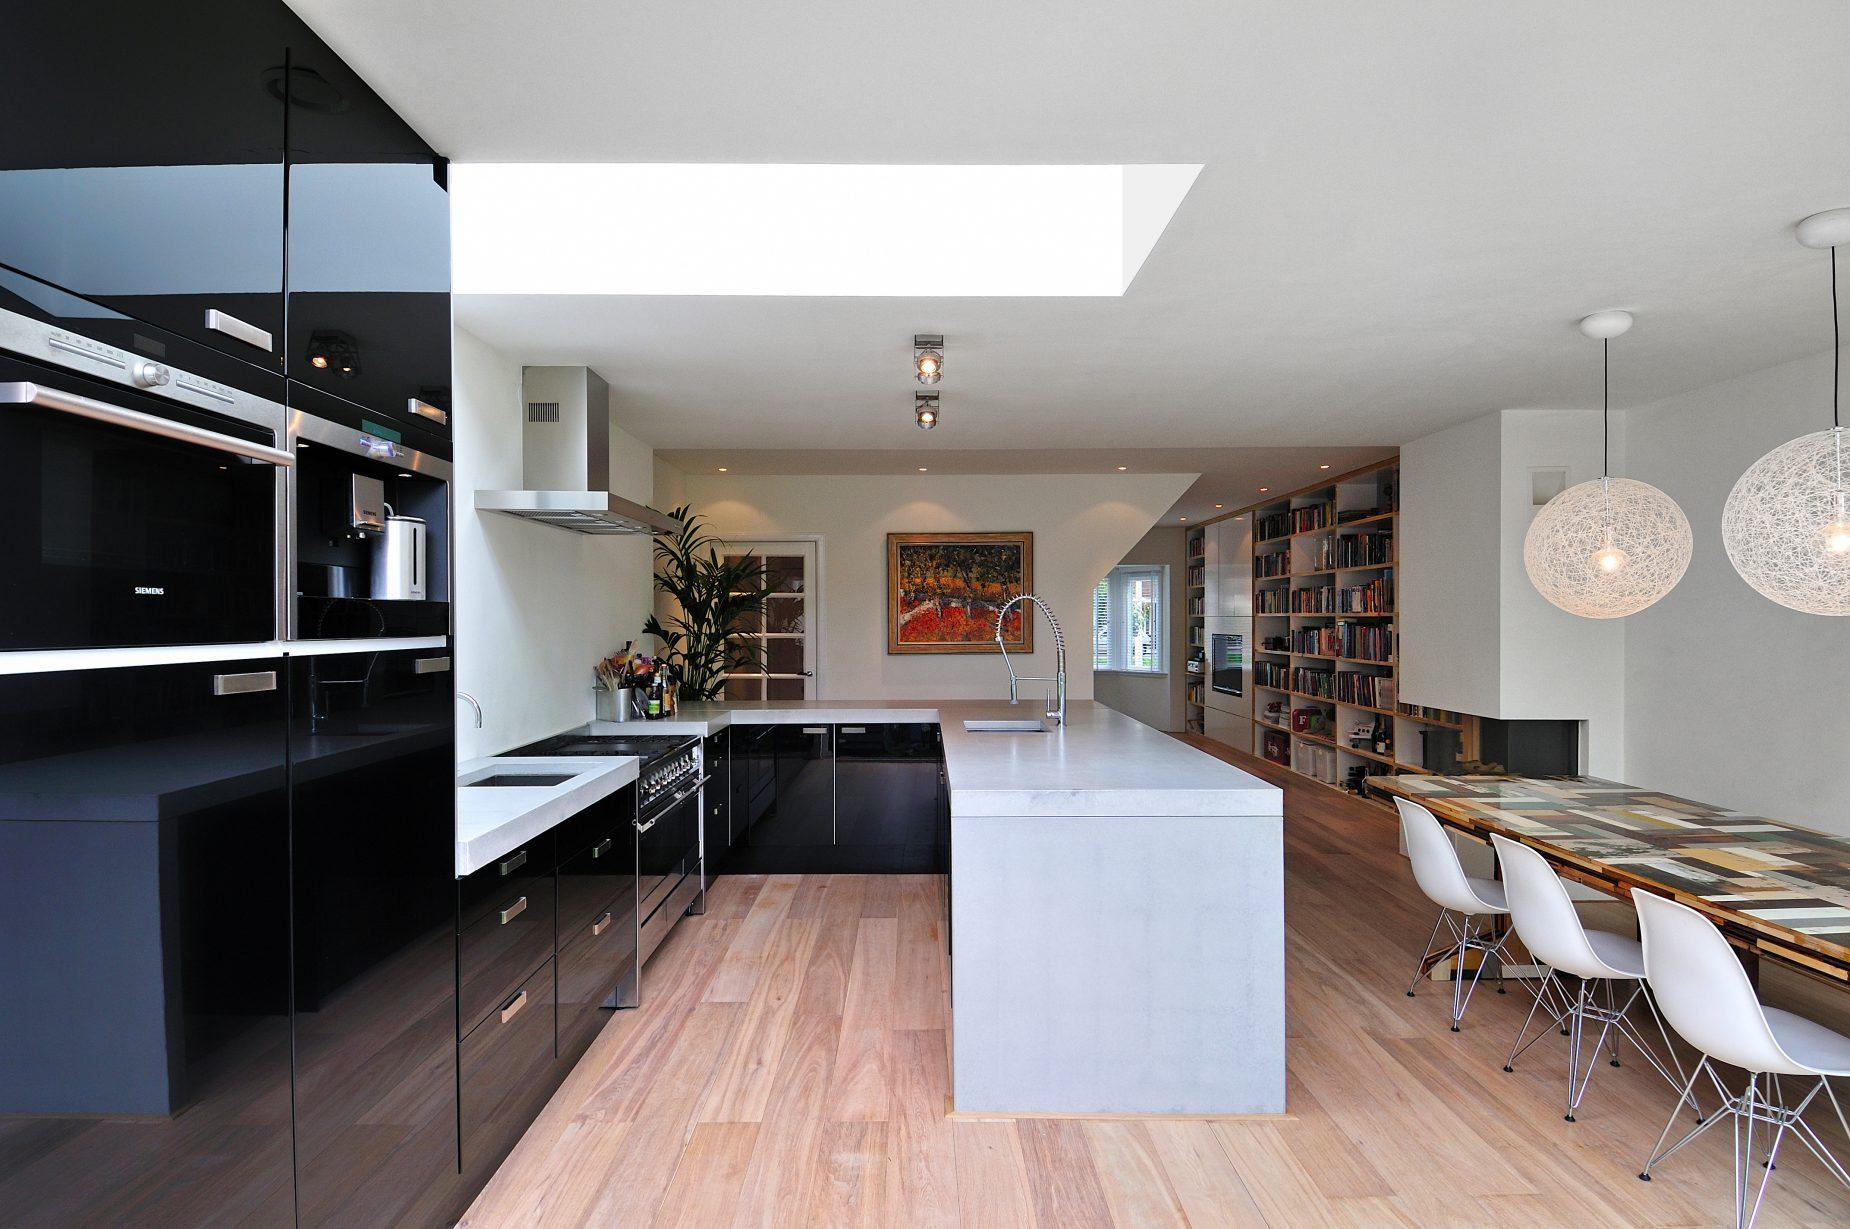 Renovatie van jaren 30 woning in Amstelveen door Amsterdamse architect Maxim Winkelaar. Zwarte keuken en beton aanrechtblad.